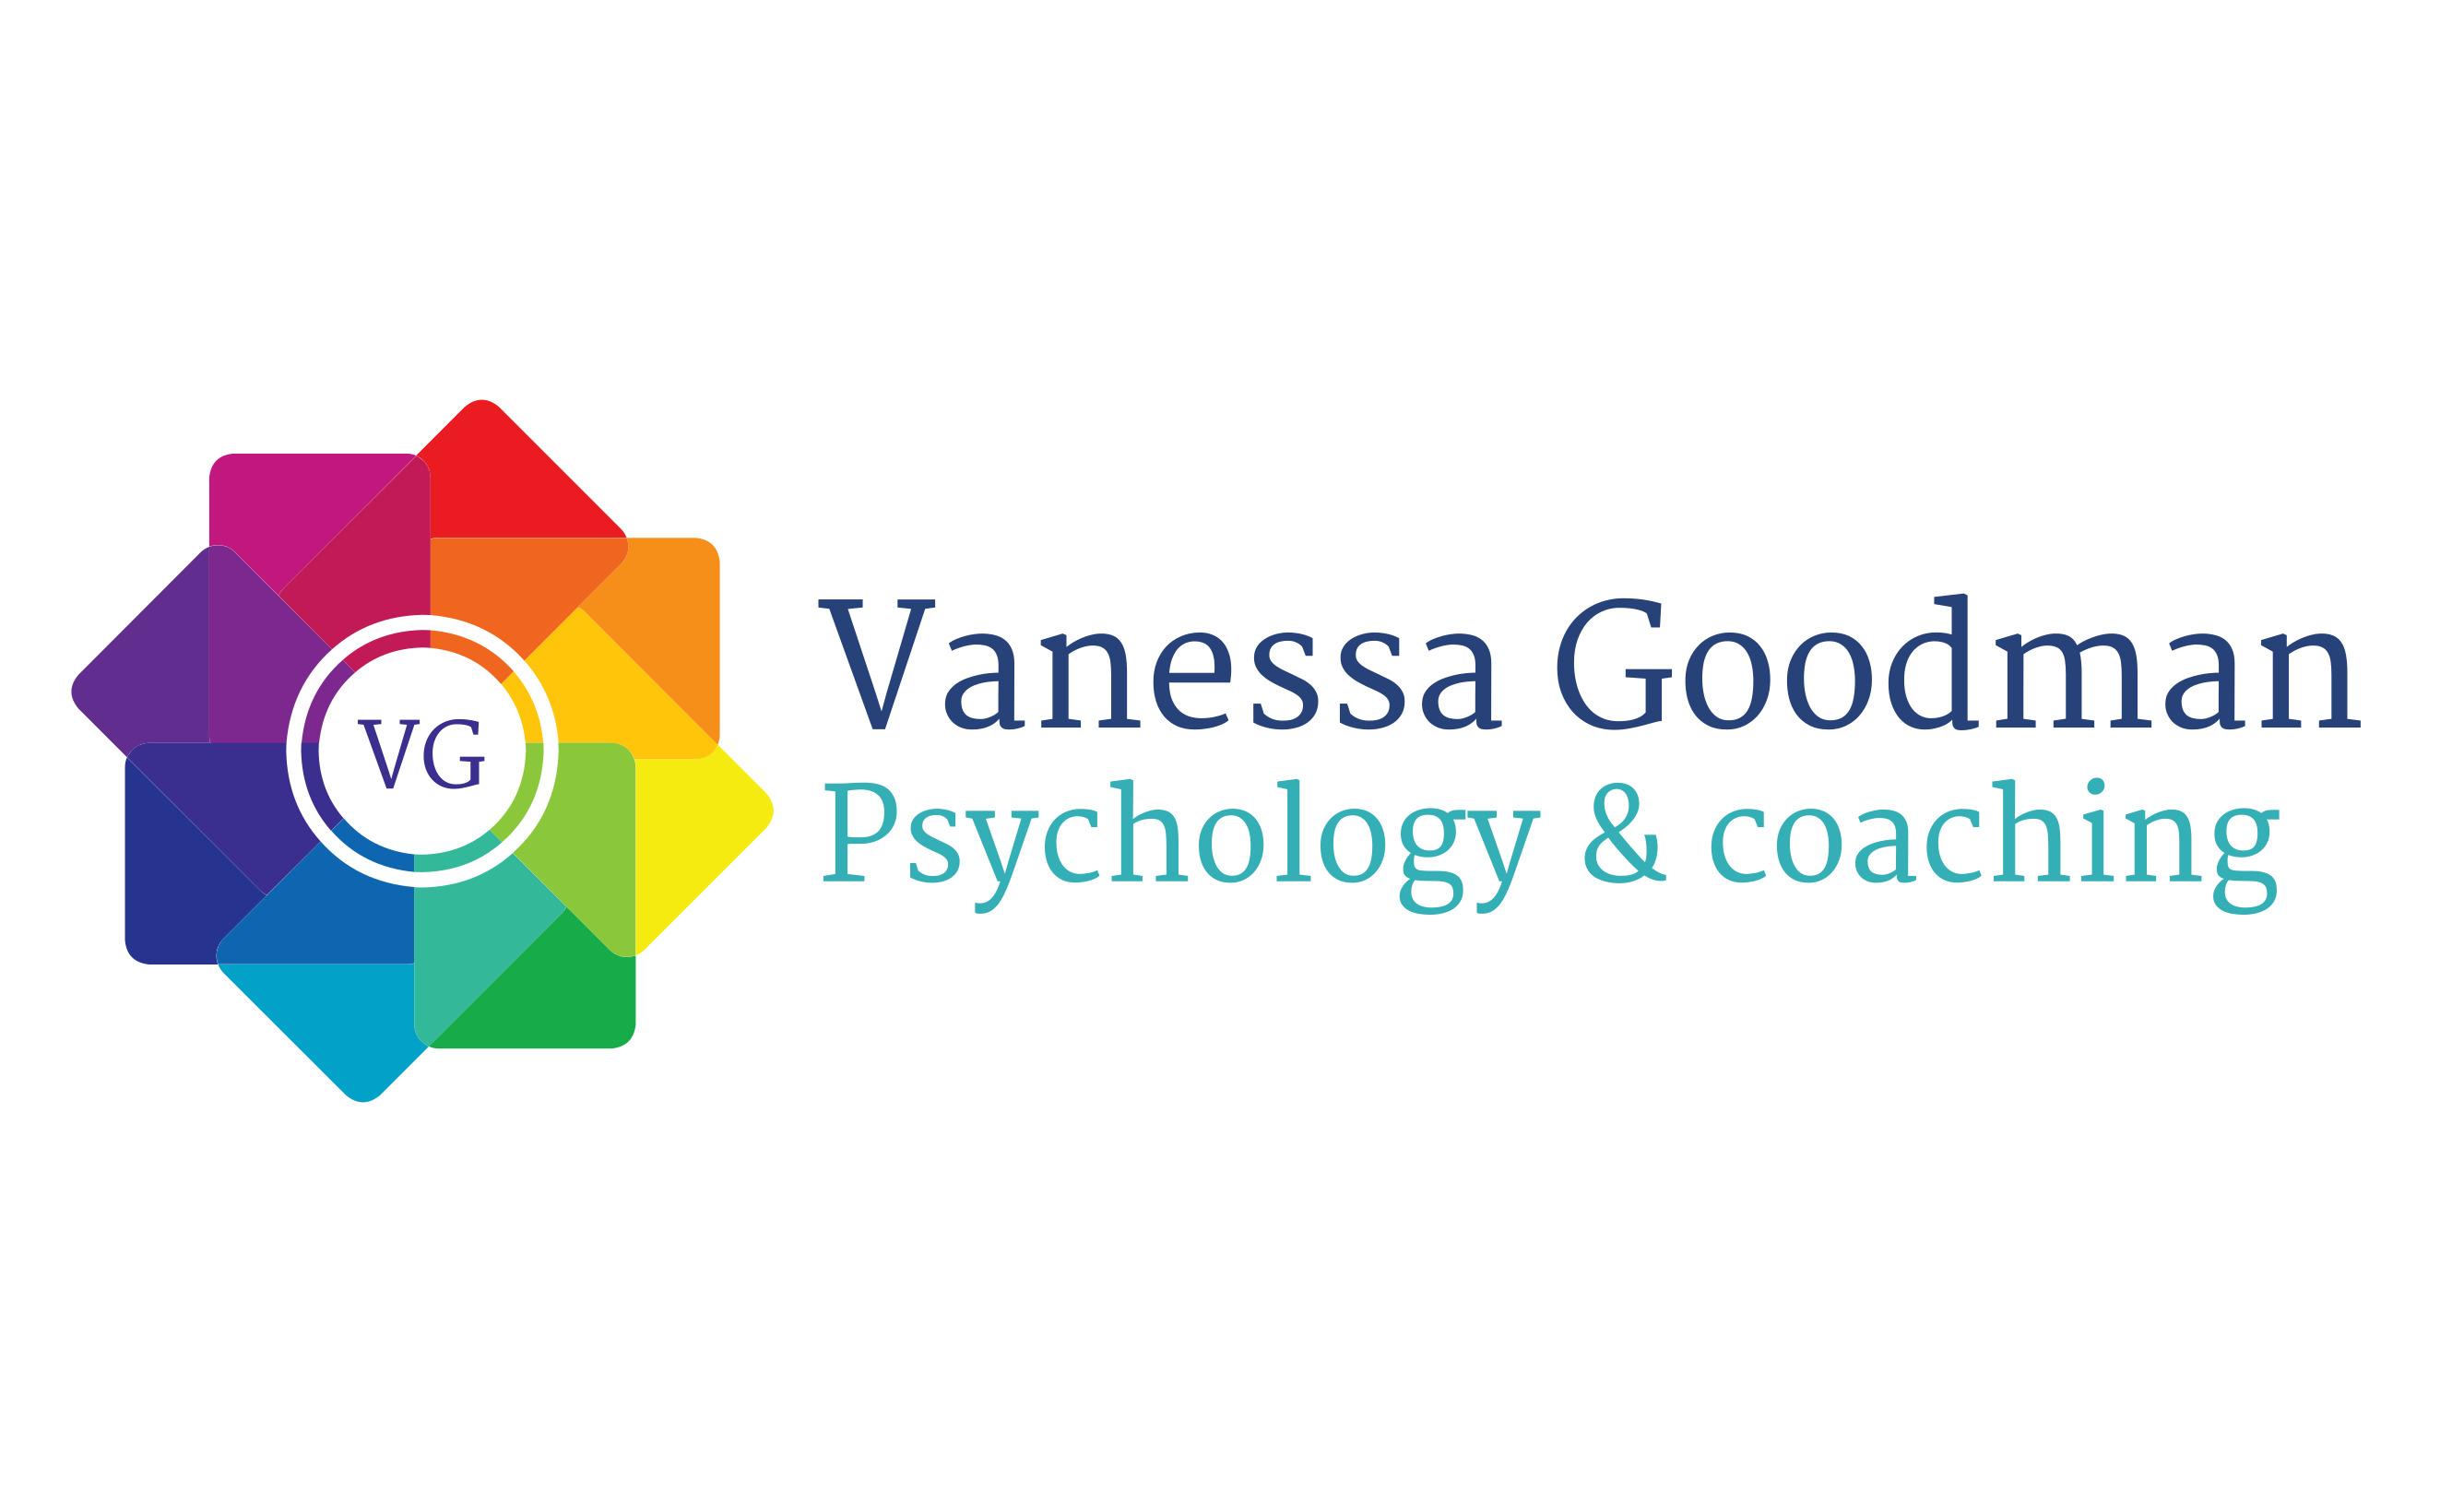 Vanessa Goodman